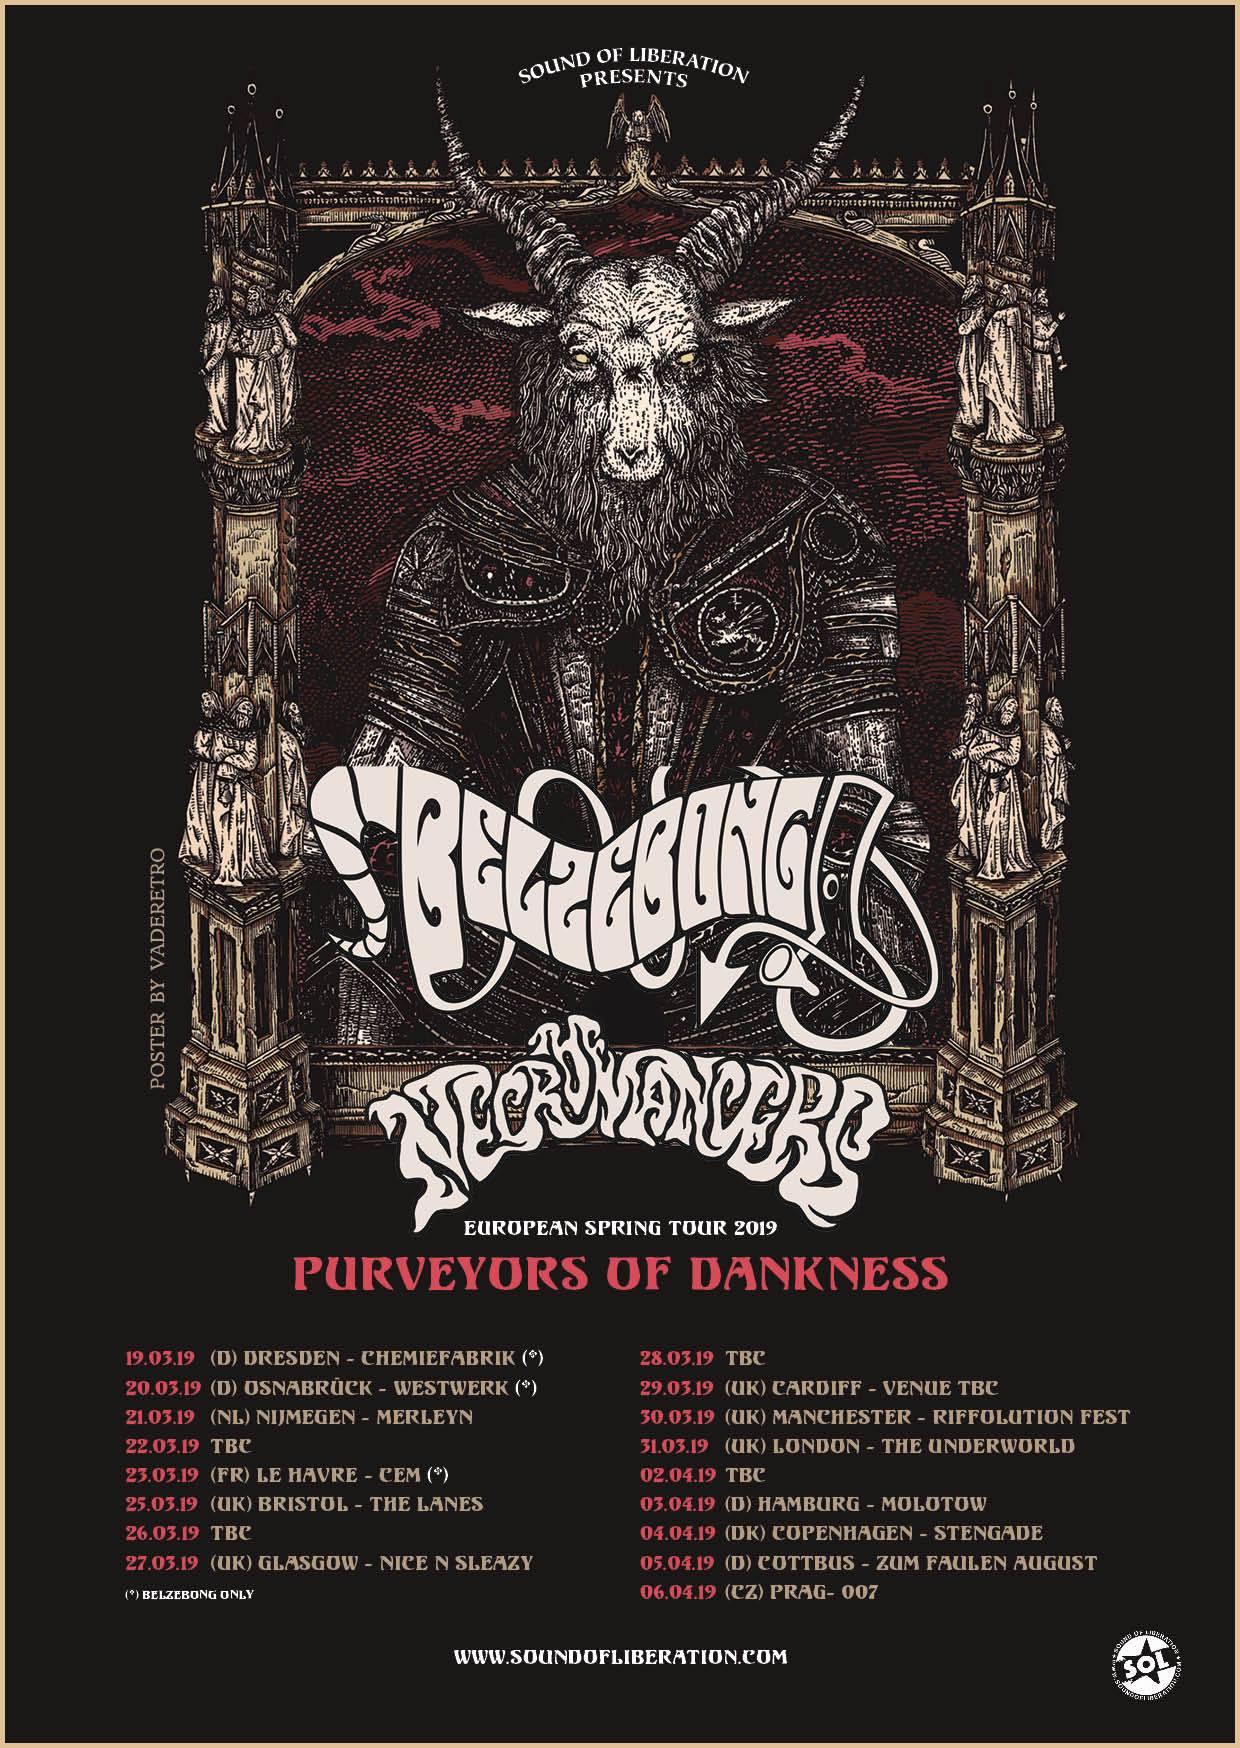 belzebong necromancers tour